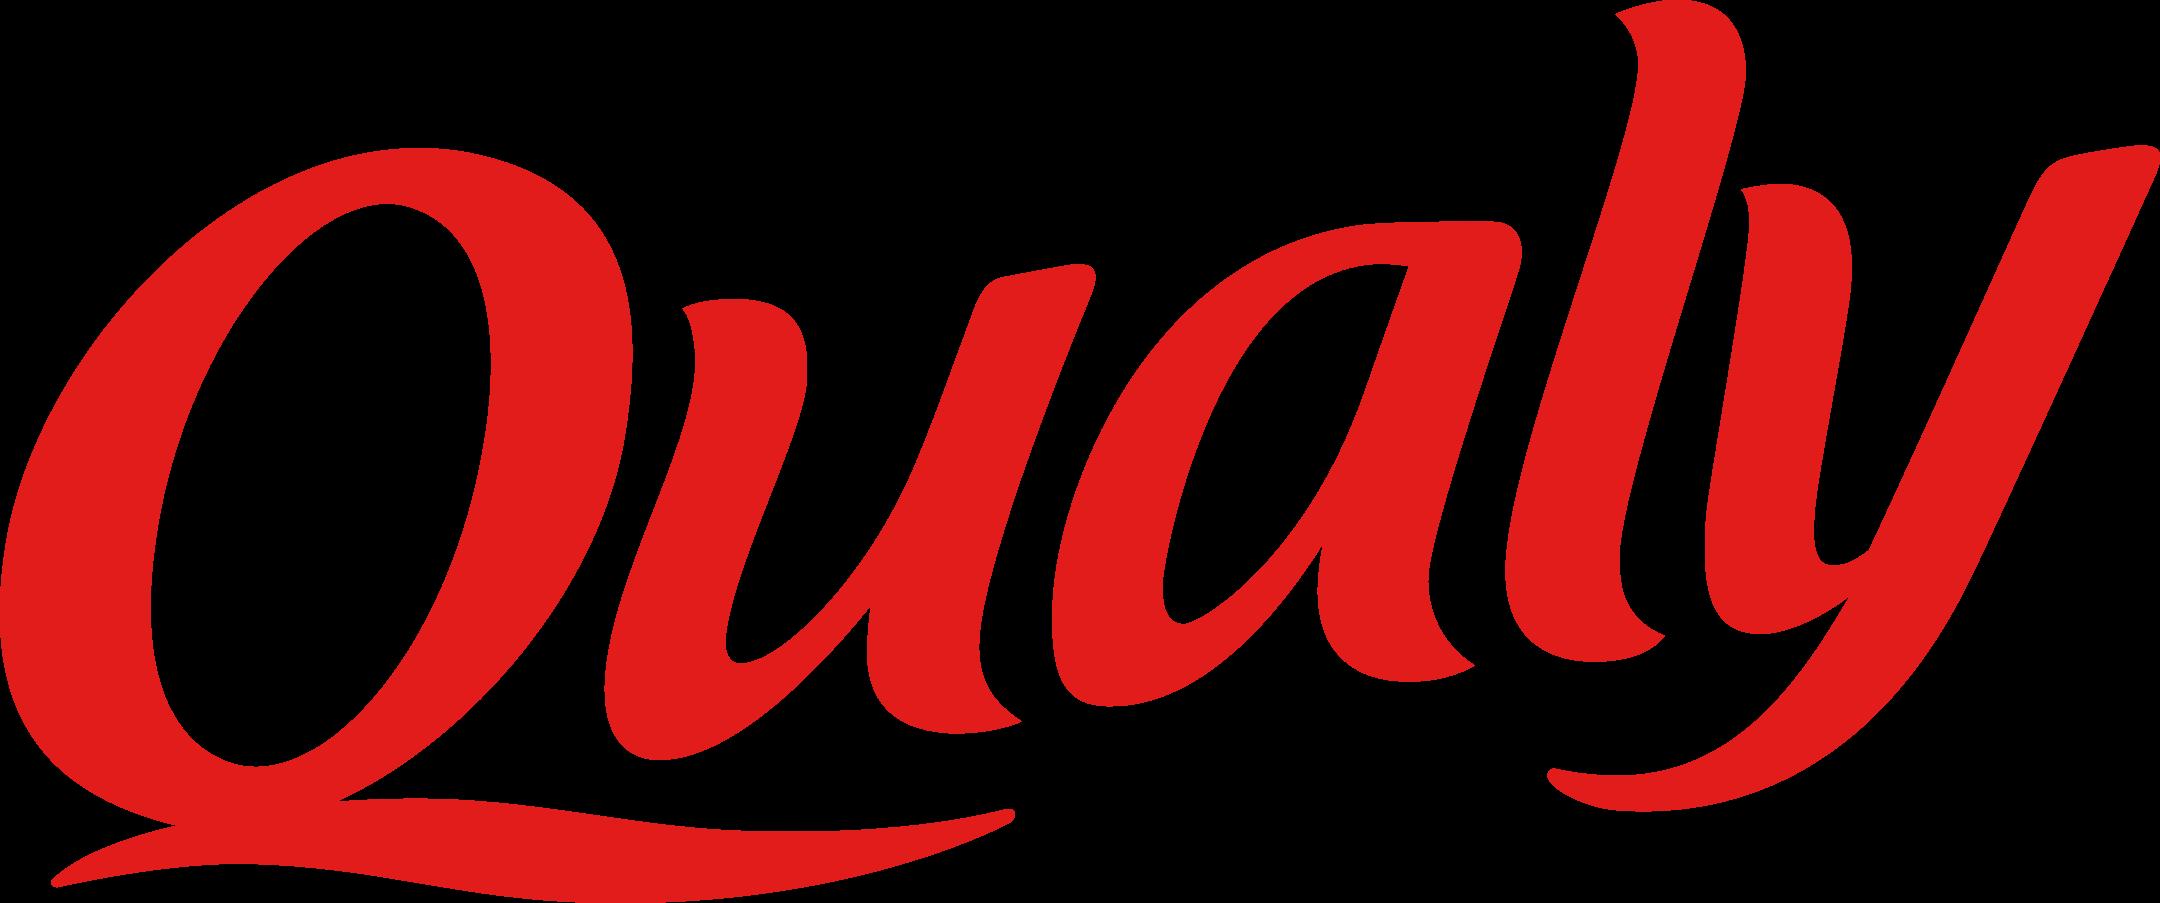 qualy logo 1 - Qualy Logo